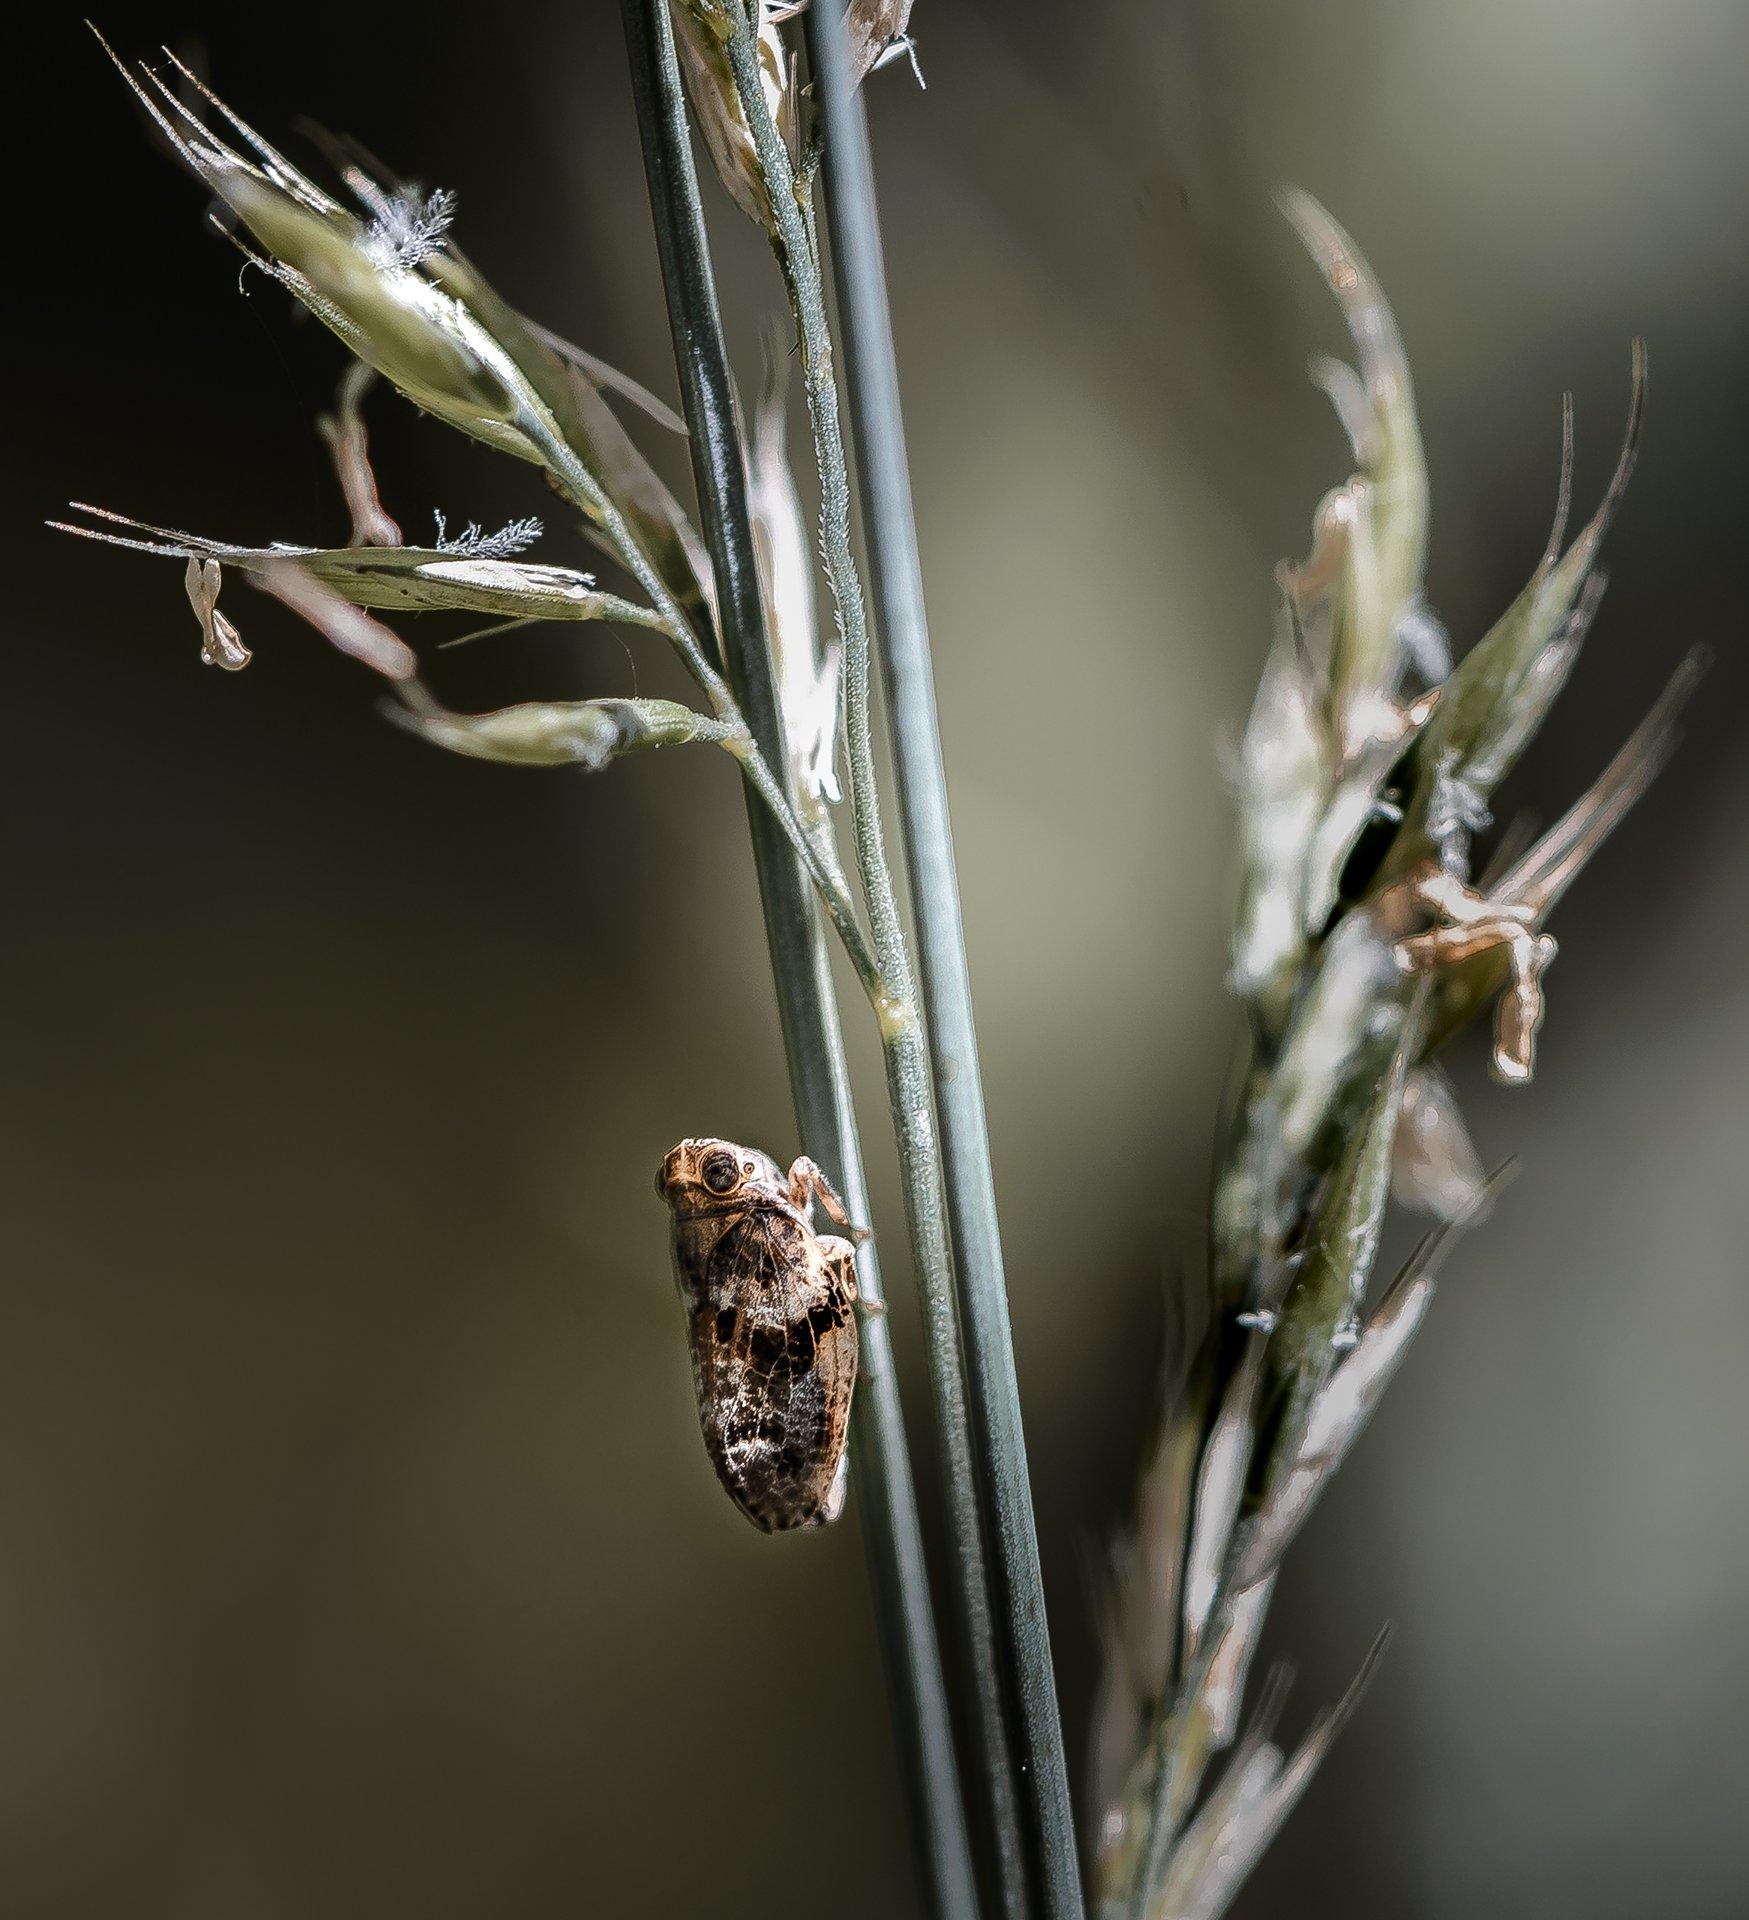 природа, макро, насекомое, цикадка, Неля Рачкова